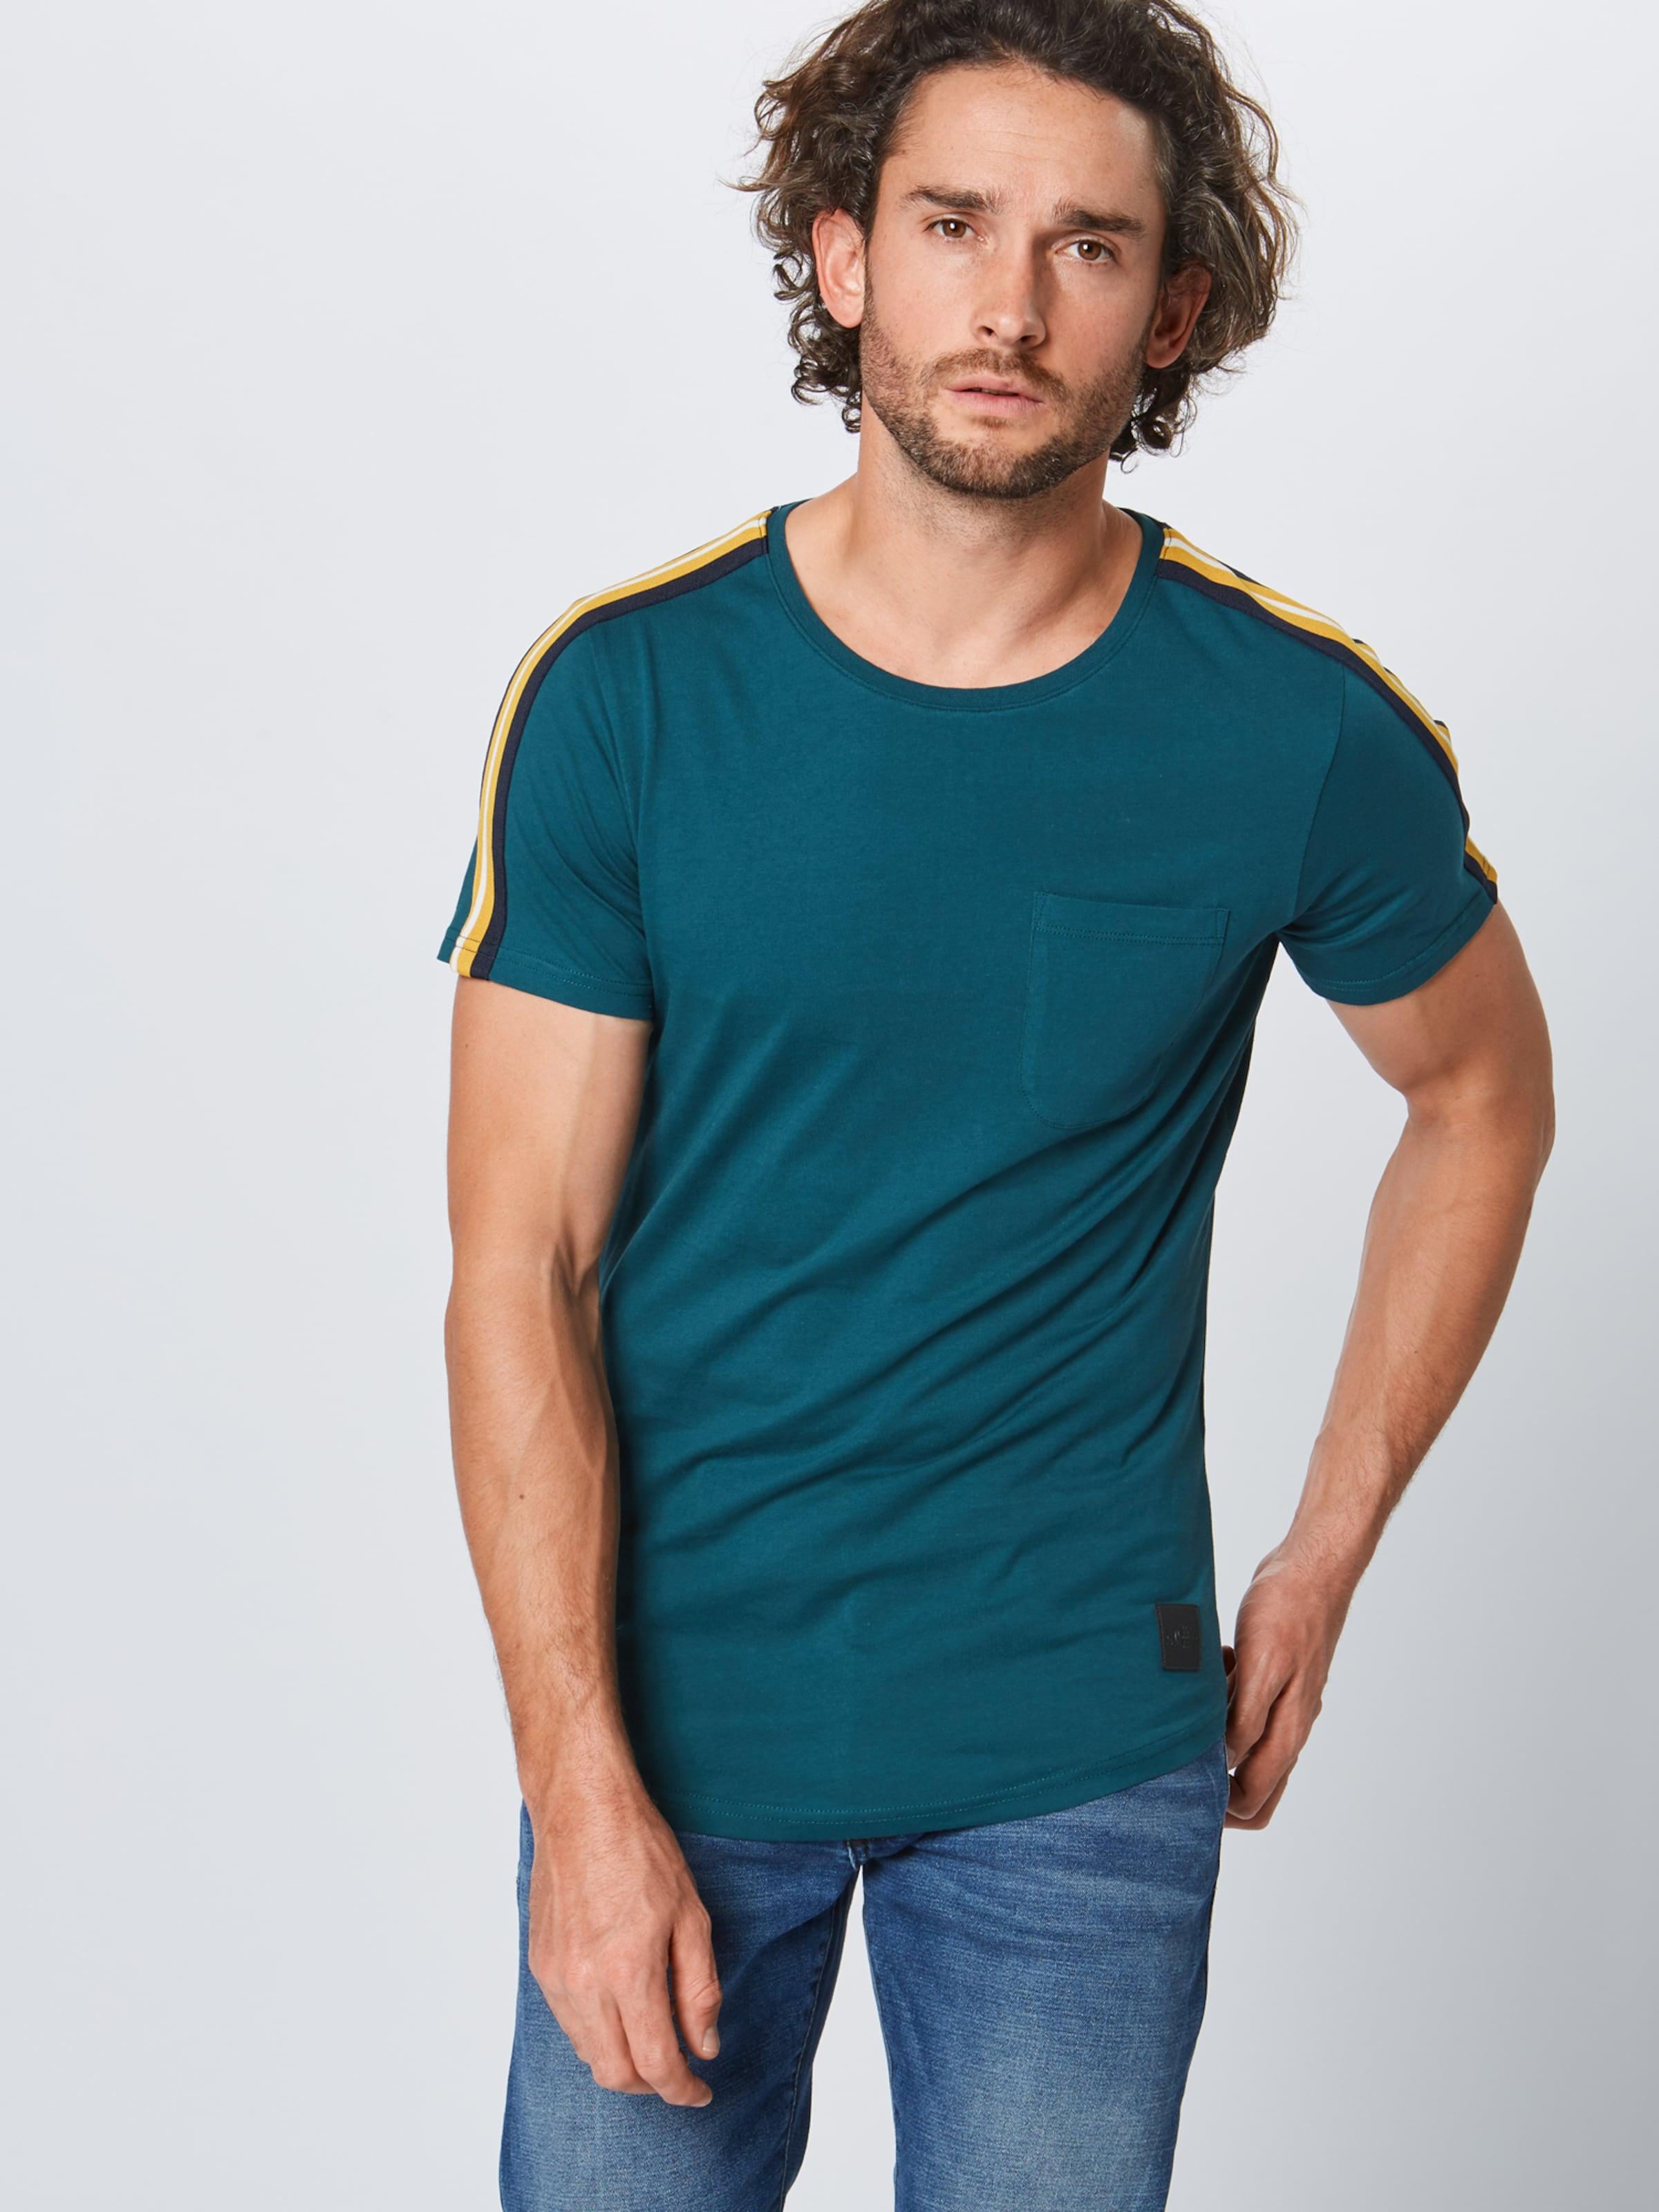 Red En shirt Pétrole T oliver Label S E2YeD9bHWI